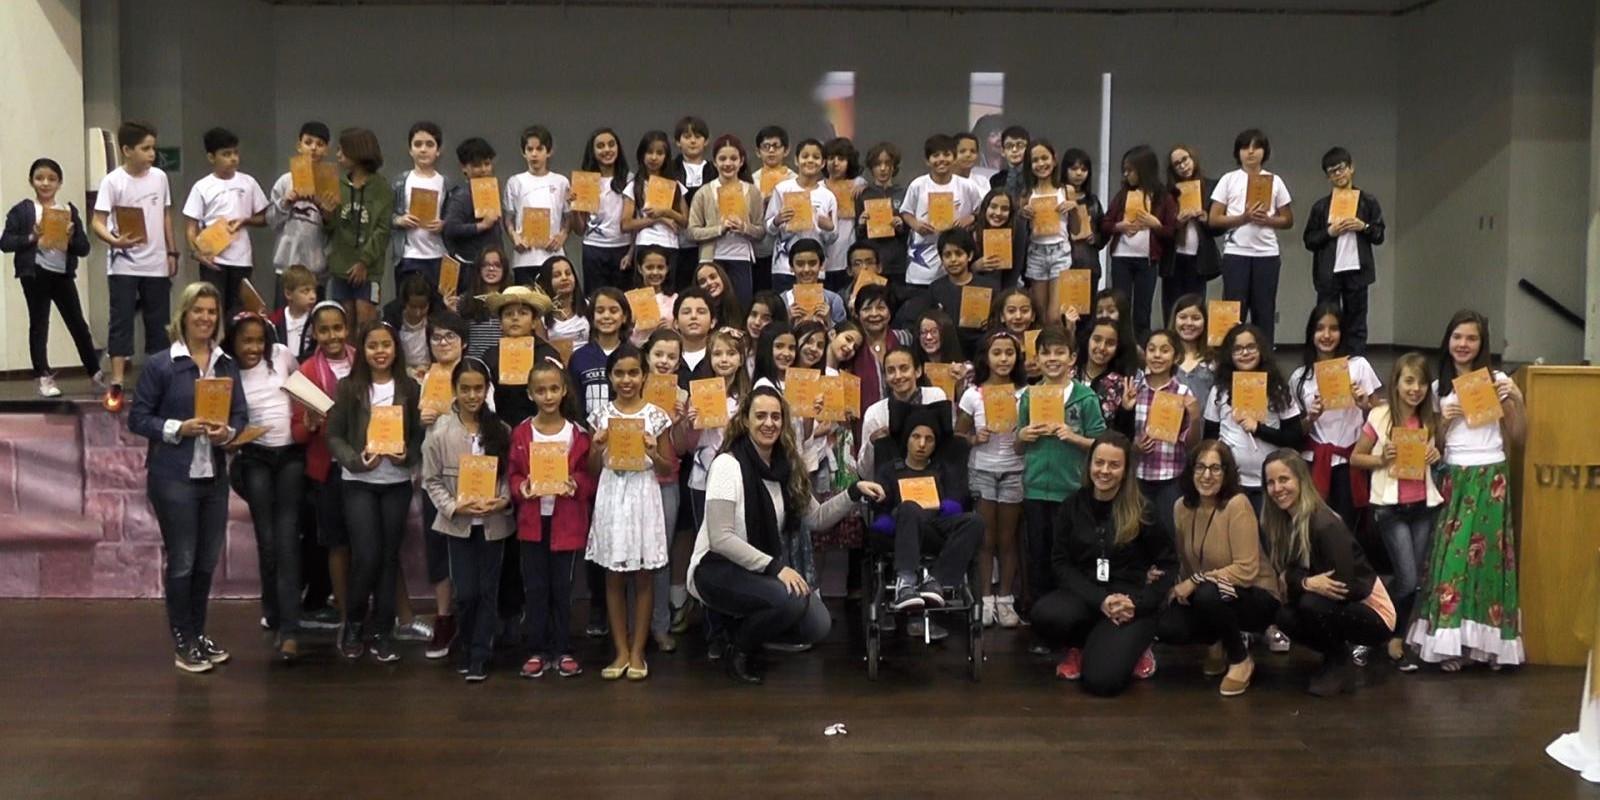 TARDE LÍRICA: Escritora Marilene Godinho recebe homenagens de alunos do ensino fundamental